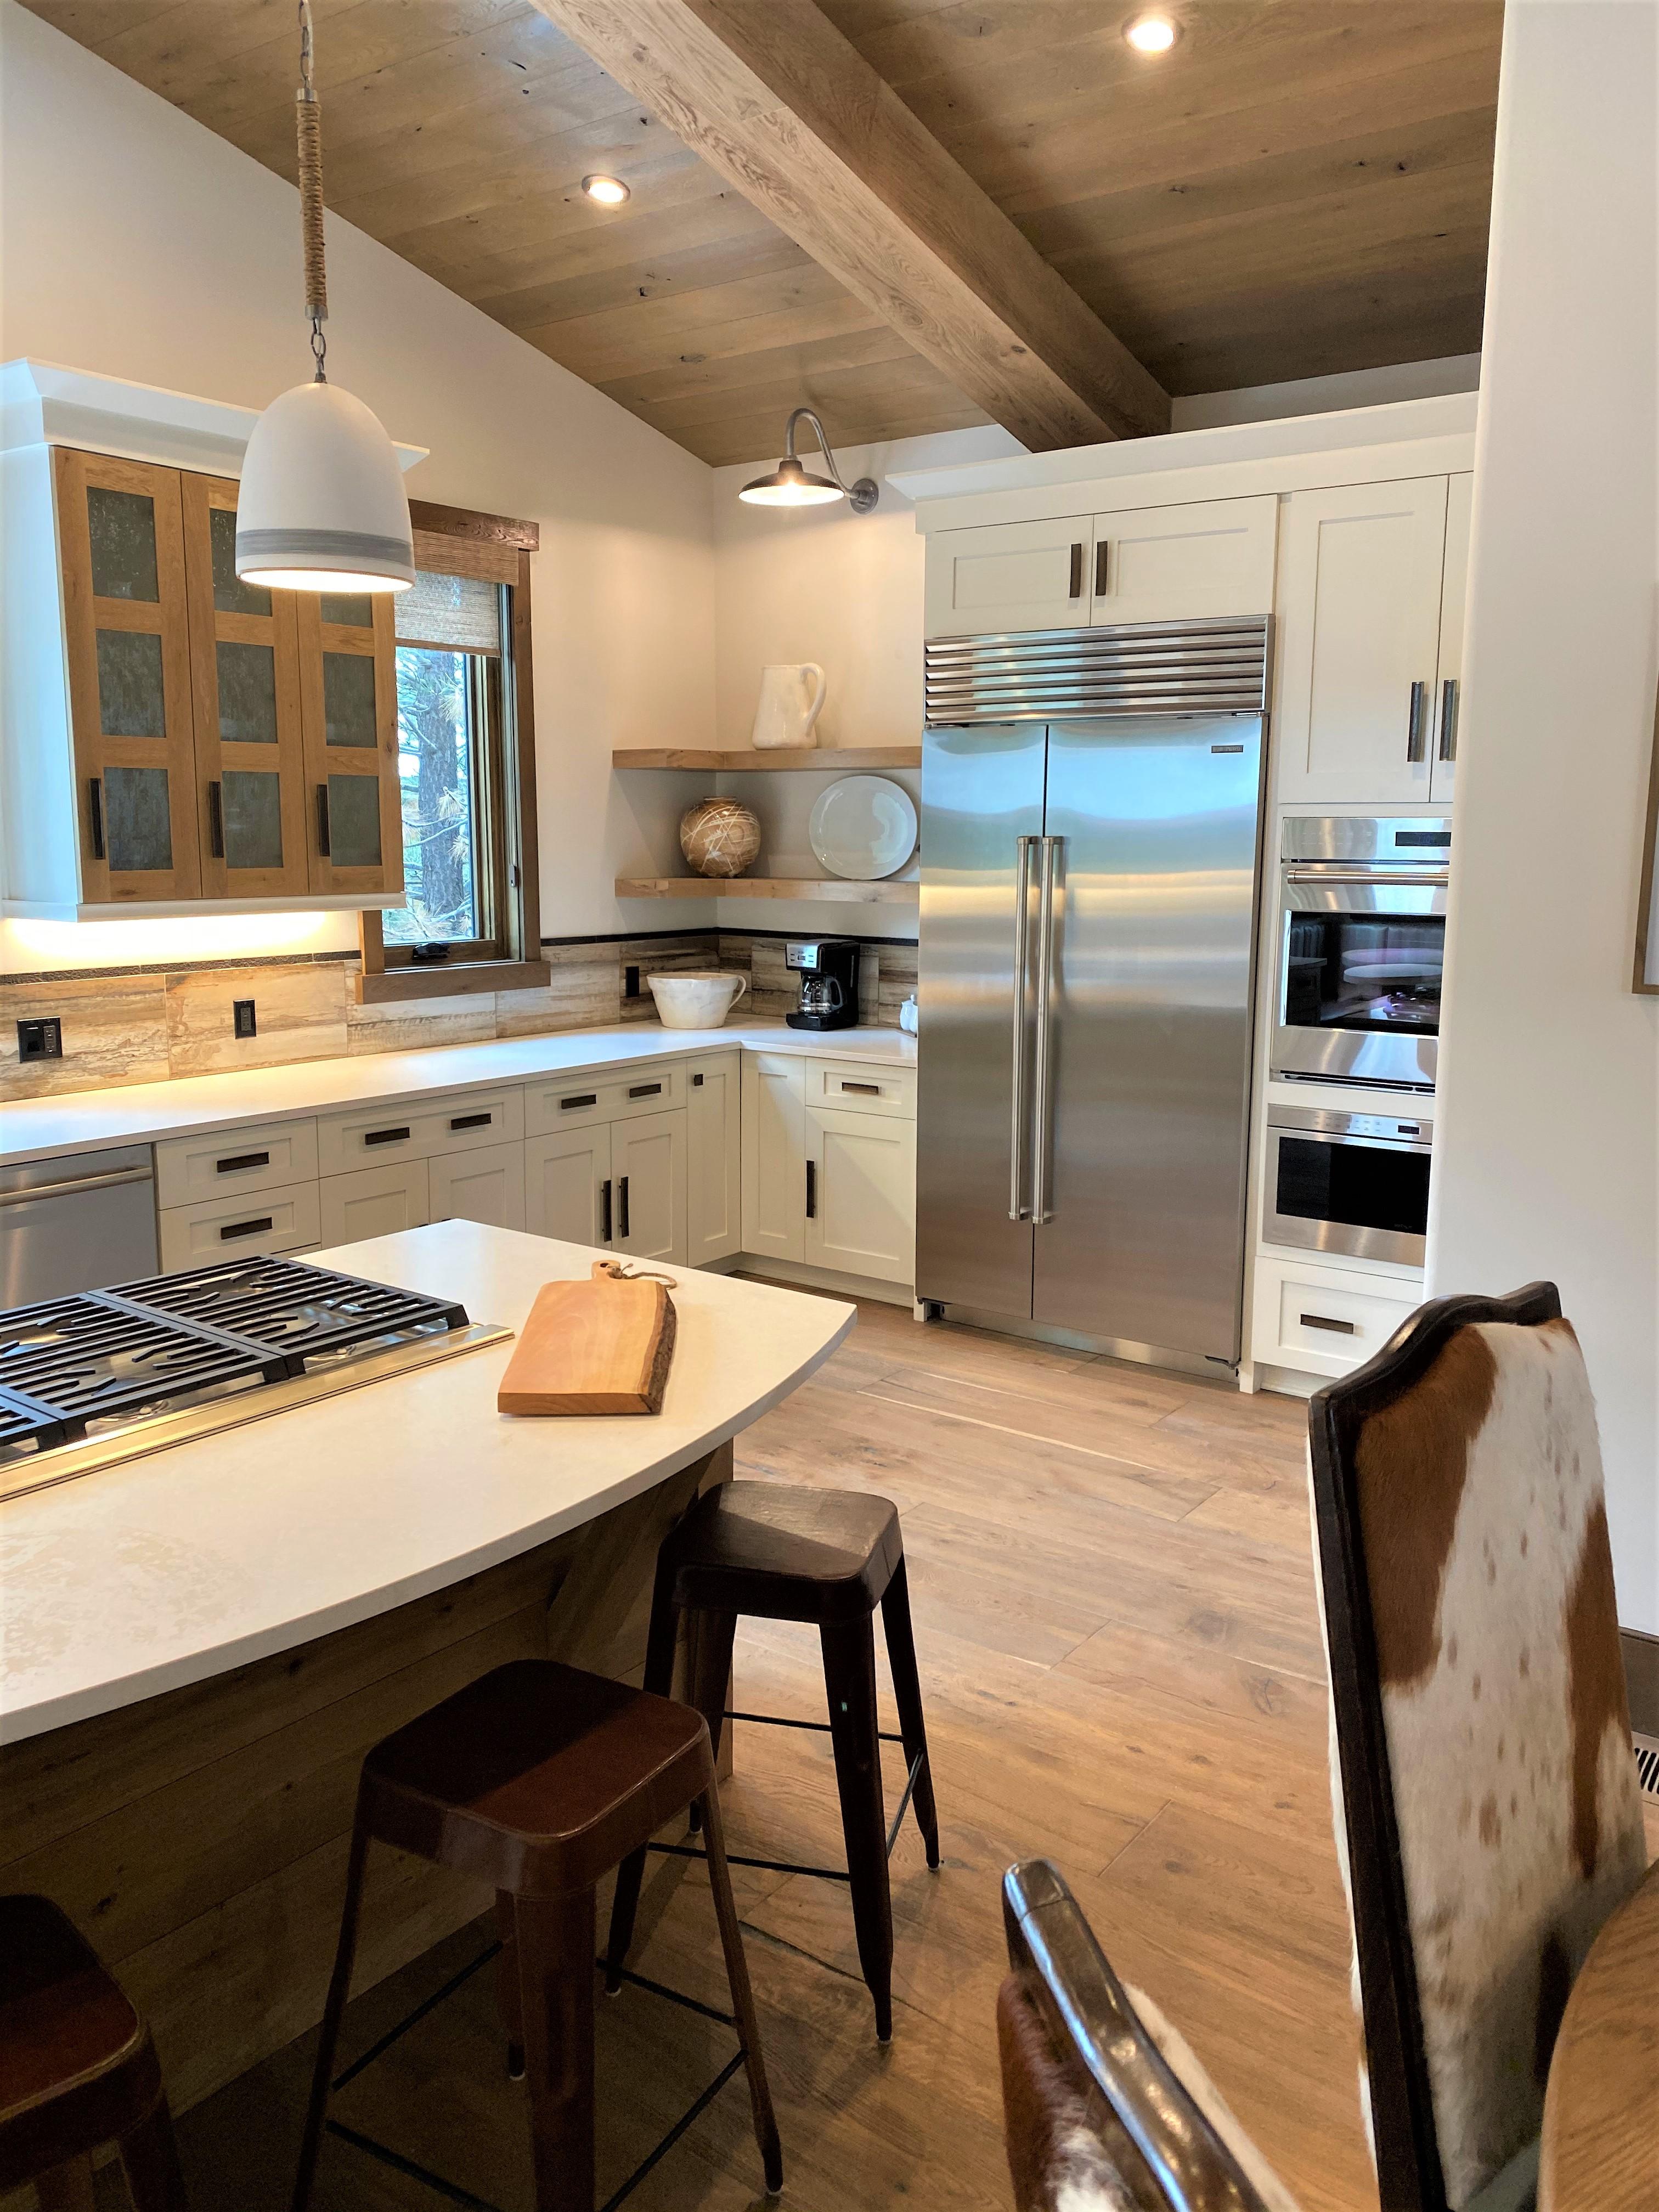 Hillside Highlands Luxury Kitchen Island with Range